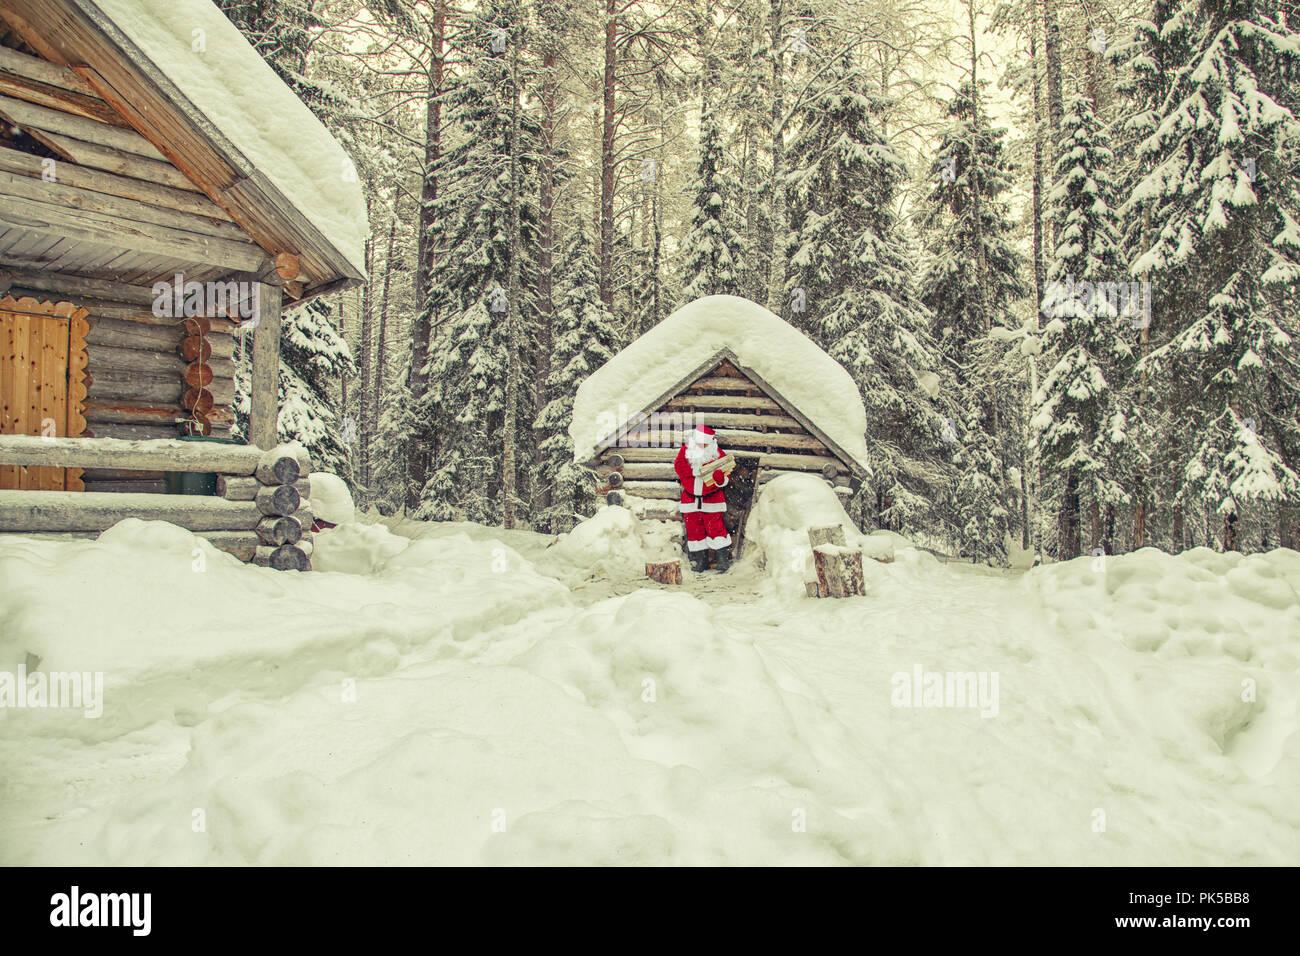 Casa Di Babbo Natale Al Polo Nord.La Vita Quotidiana Di Santa Claus Casa Di Babbo Natale Al